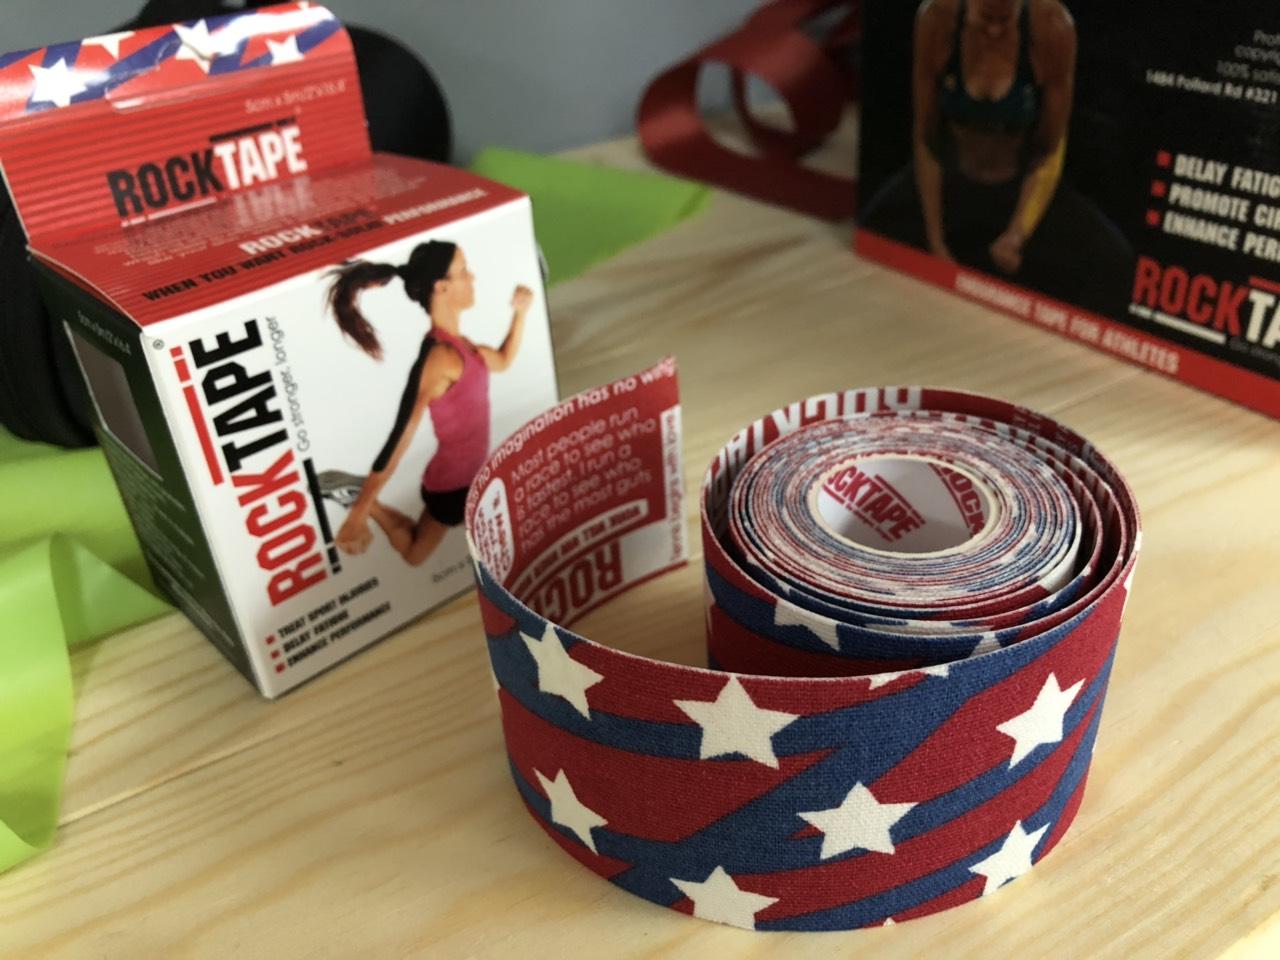 RockLab tape